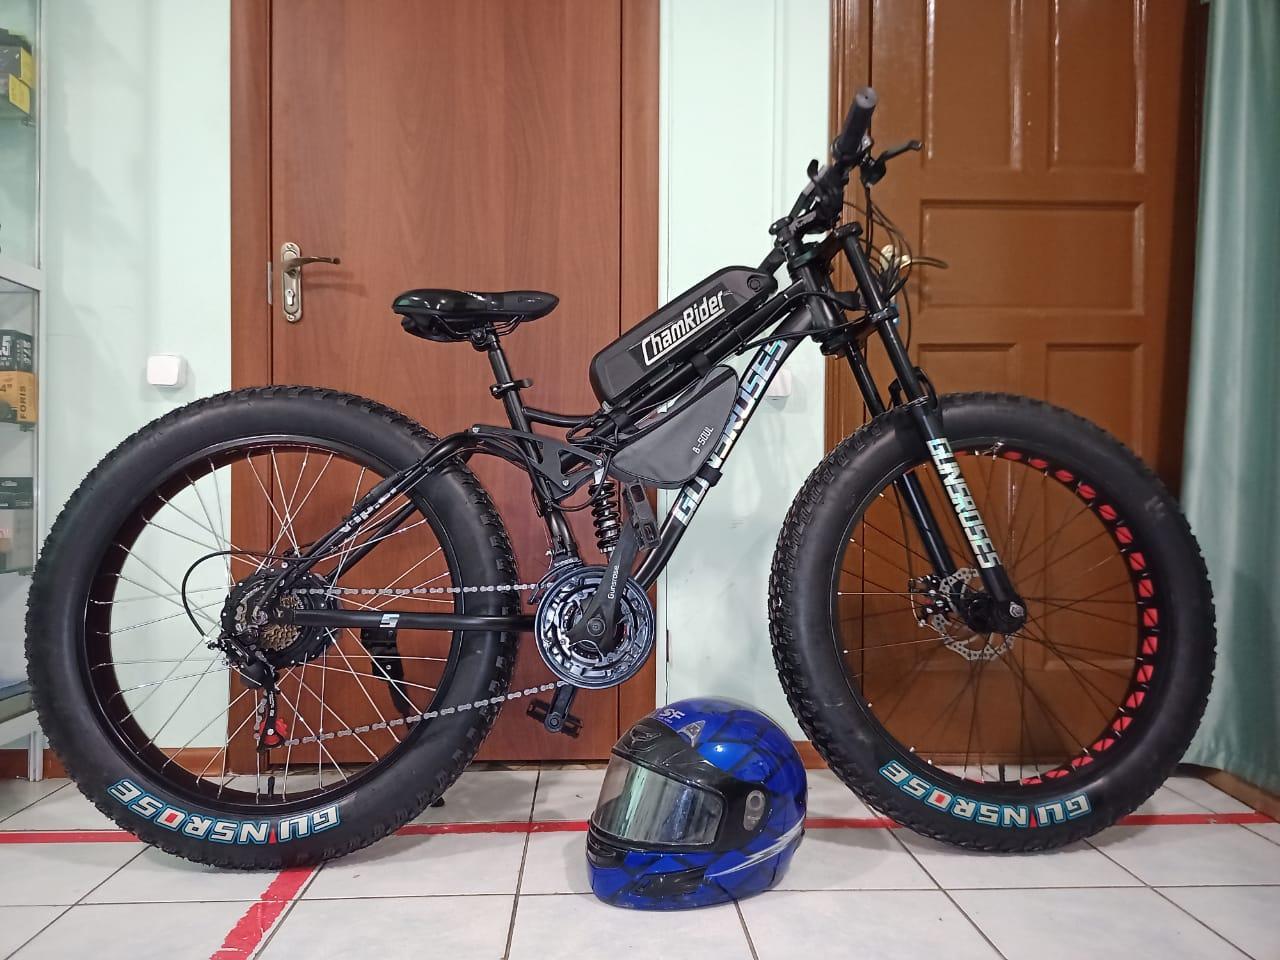 """Электровелосипед 48v 750w (max 1350w), аккум. Li-ion 48v 14,4 A/H. Колеса 26""""x4"""". Рама 21"""" - фото 1"""